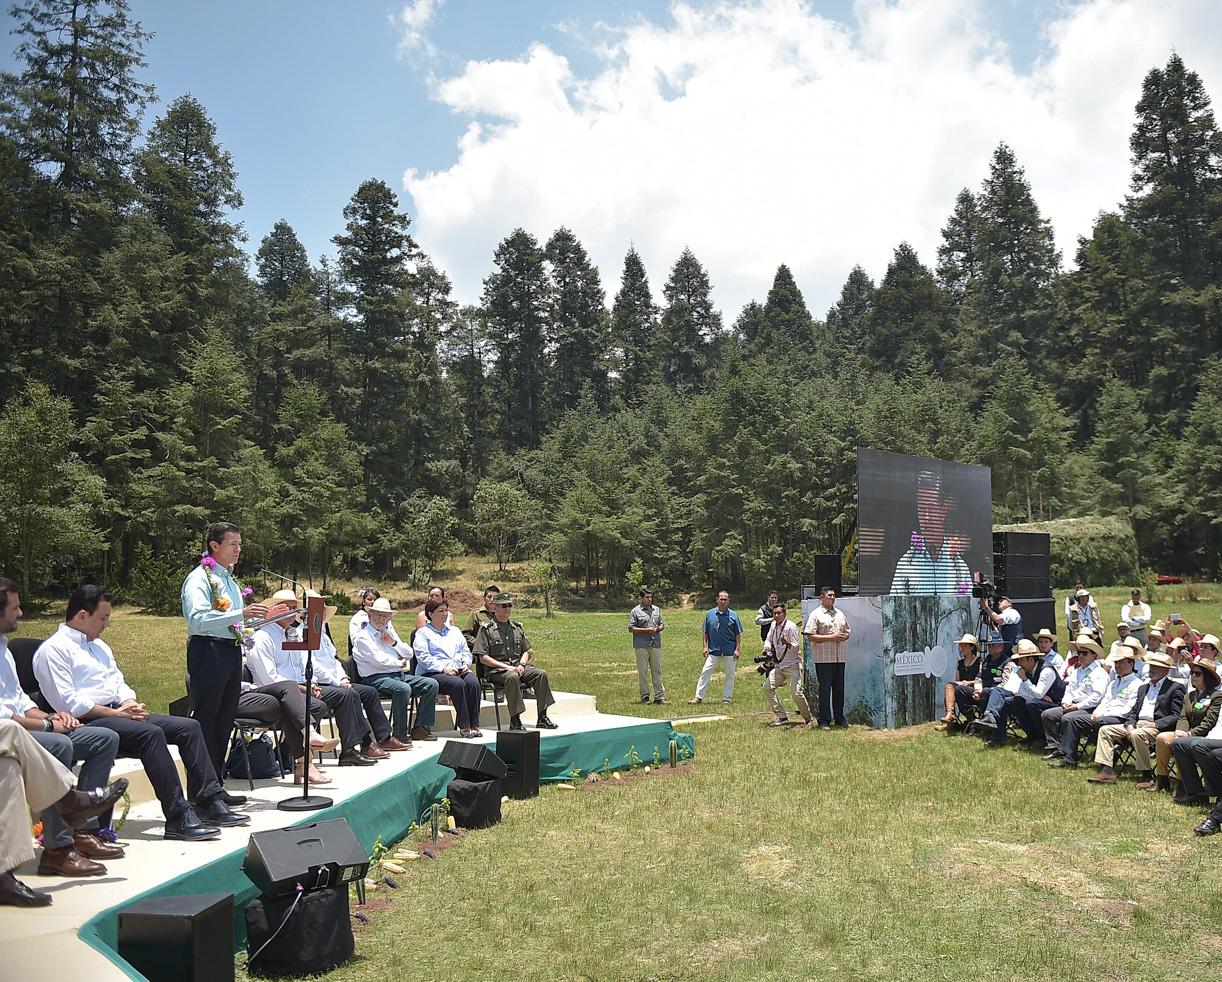 Al encabezar hoy la conmemoración del Día Internacional de la Diversidad Biológica, el Presidente Enrique Peña Nieto informó que en su Administración se han instrumentado nuevas políticas públicas y establecido el manejo del mayor número de áreas naturales protegidas para asegurar que México cumpla su compromiso y su responsabilidad de cuidar la casa de los mexicanos.